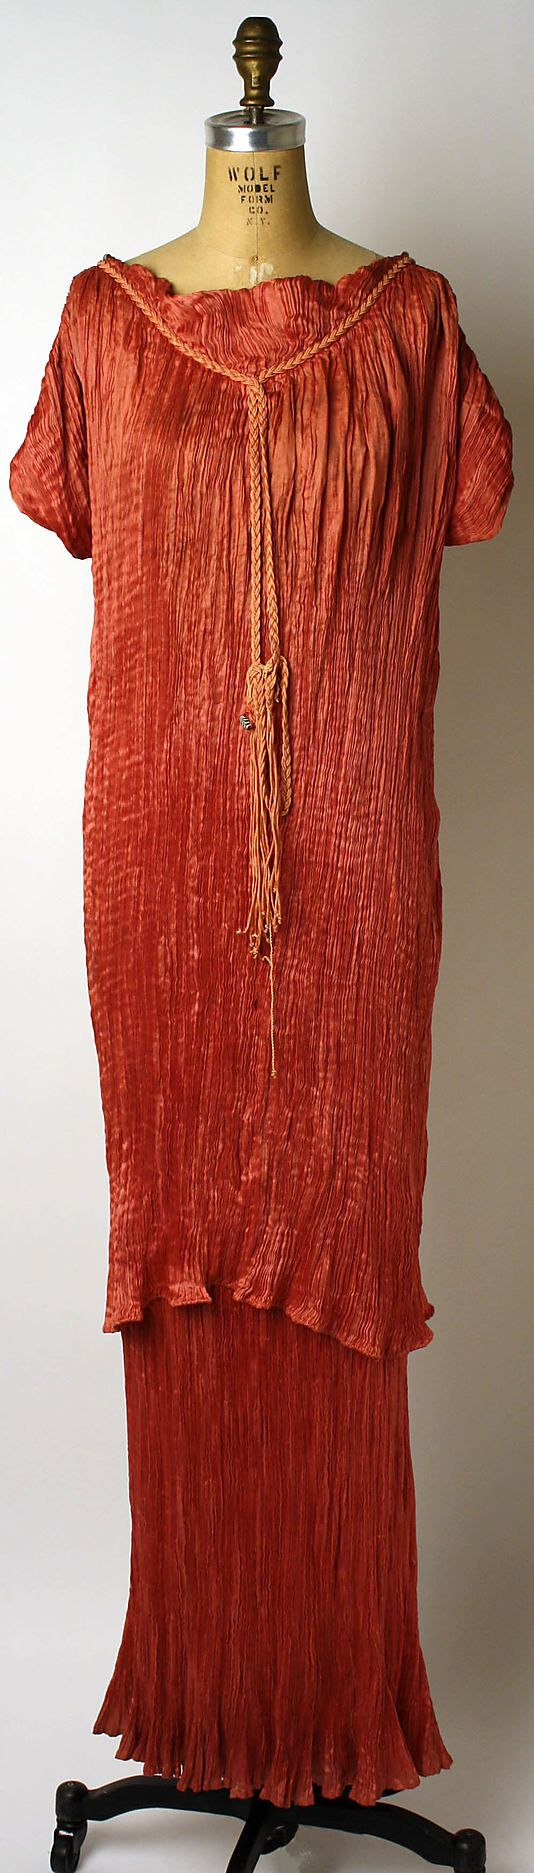 Los Delphos fueron confeccionados en el formato plisado: unos finísimos pliegues - posiblemente inspirados en las korai griegas- realizados directamente sobre el propio tejido en todo su largo, abarcando al vestido completo. Al caer libremente sobre el cuerpo, los pliegues se iban abriendo o cerrando en función de las formas de la modelo y remarcaban totalmente la figura. Delphos de  Mariano Fortuny, 1936.